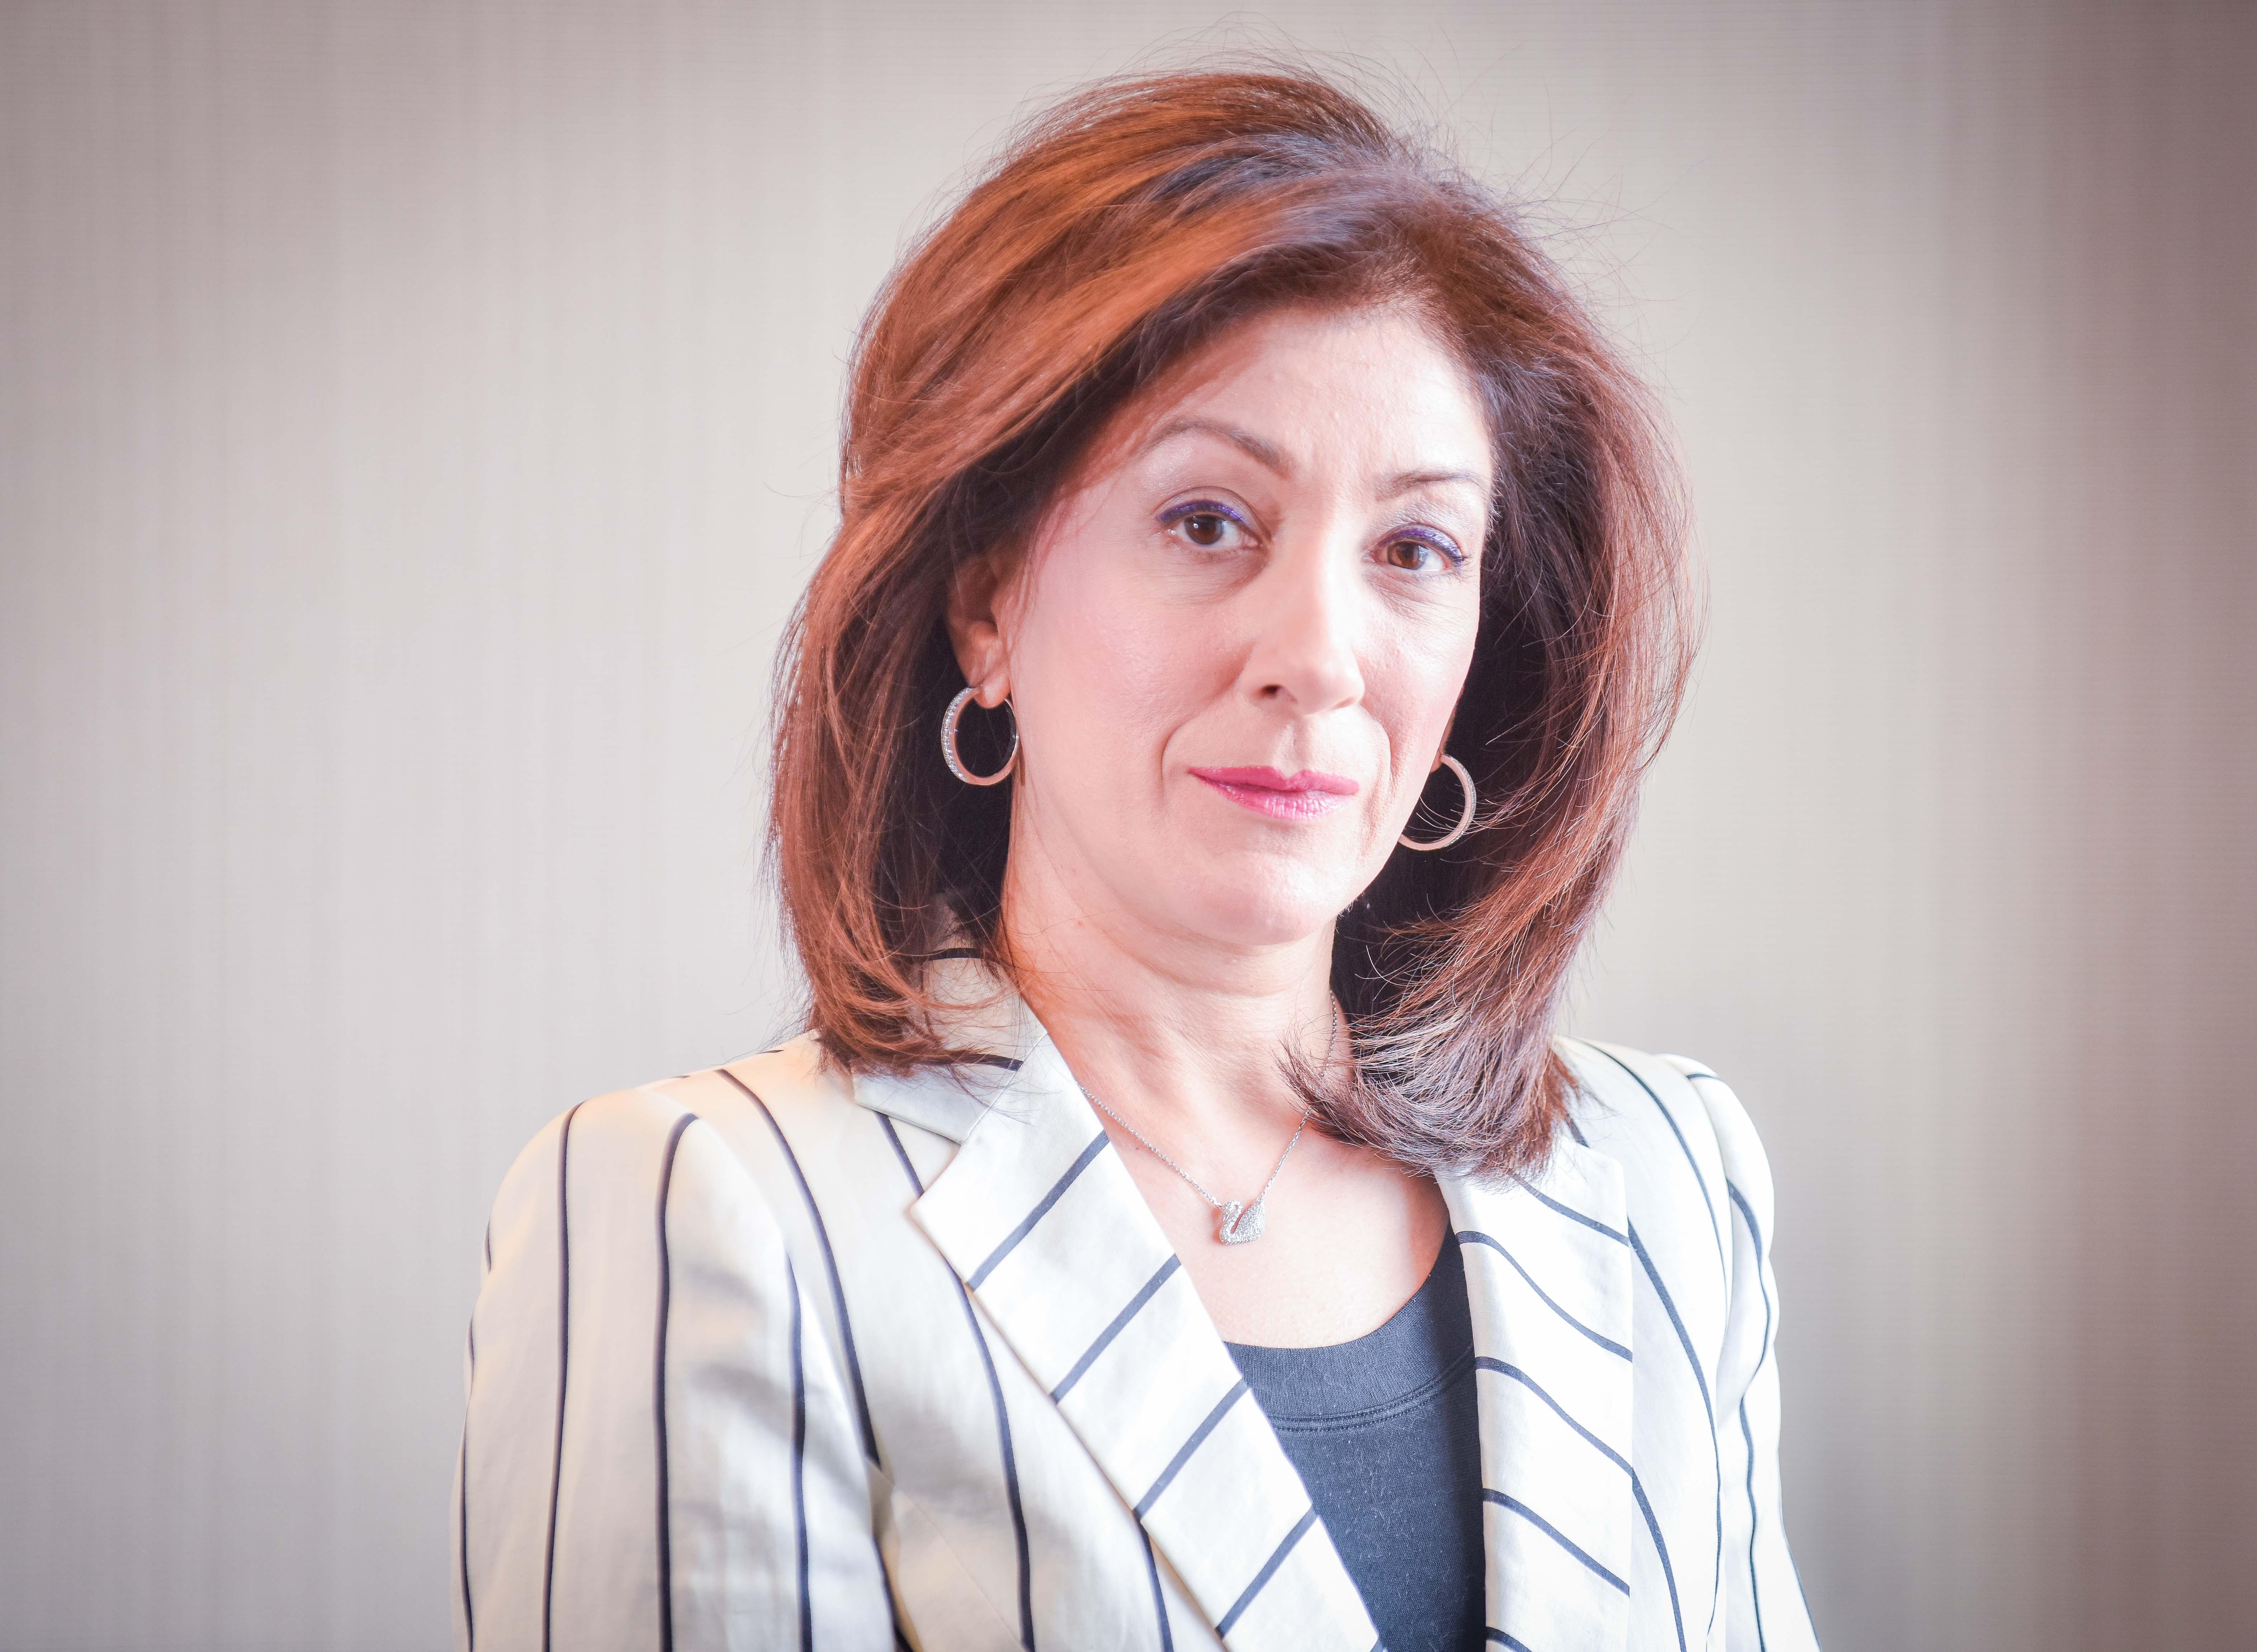 Faiza Saeed